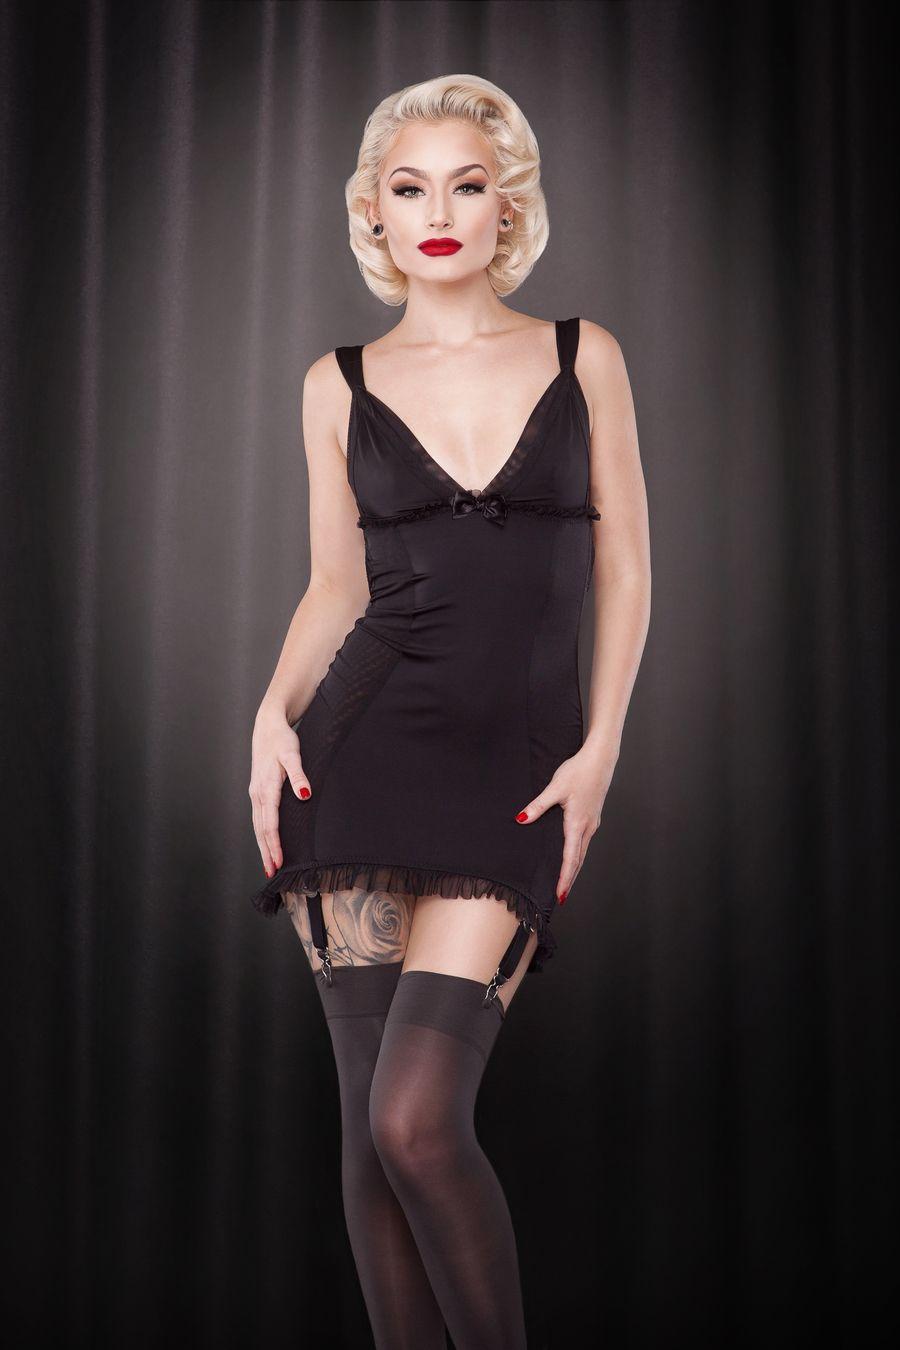 Star garter dress lingerie pinterest lingerie beautiful star garter dress ombrellifo Gallery